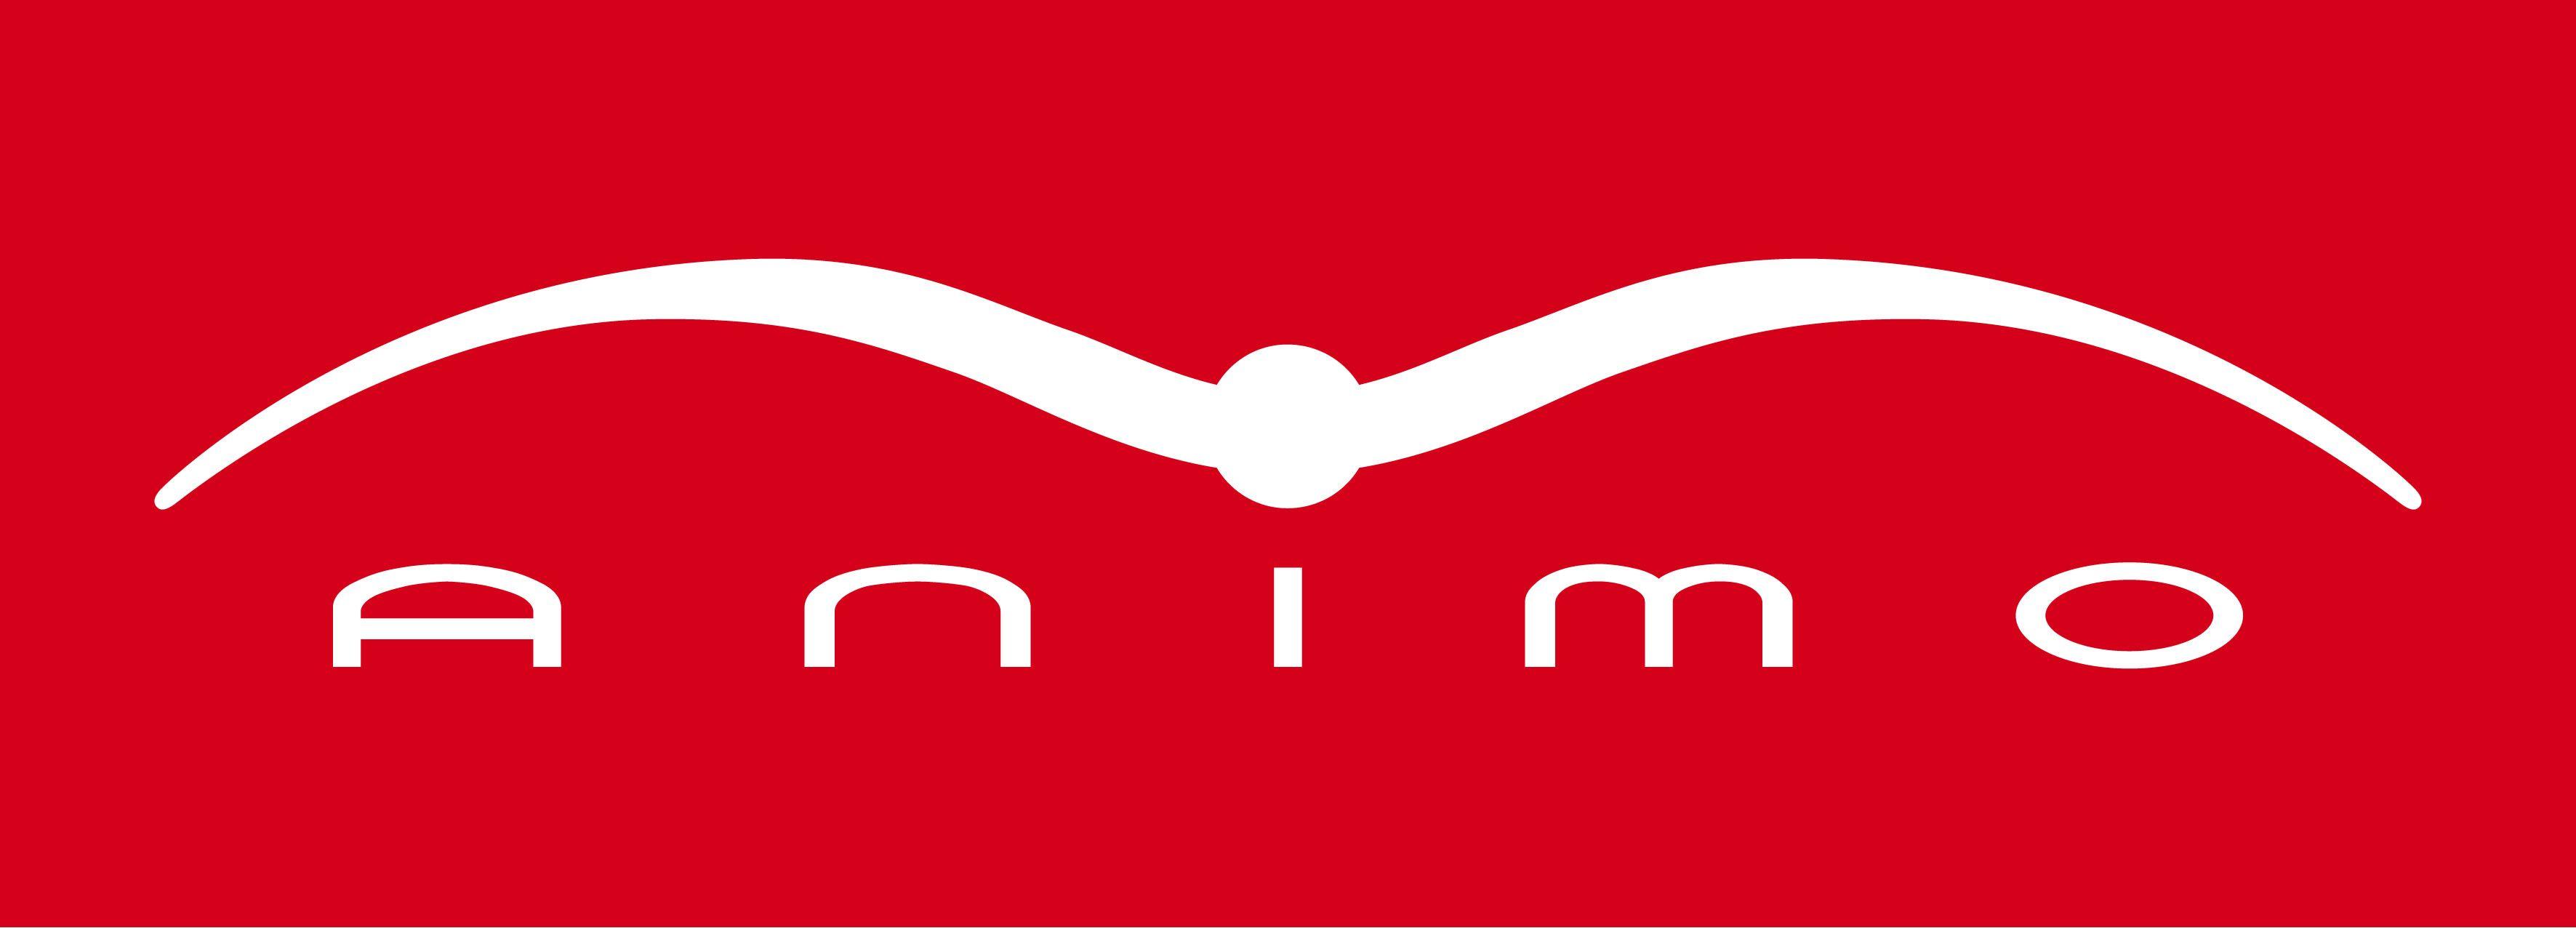 Animo Italia Logo in Red